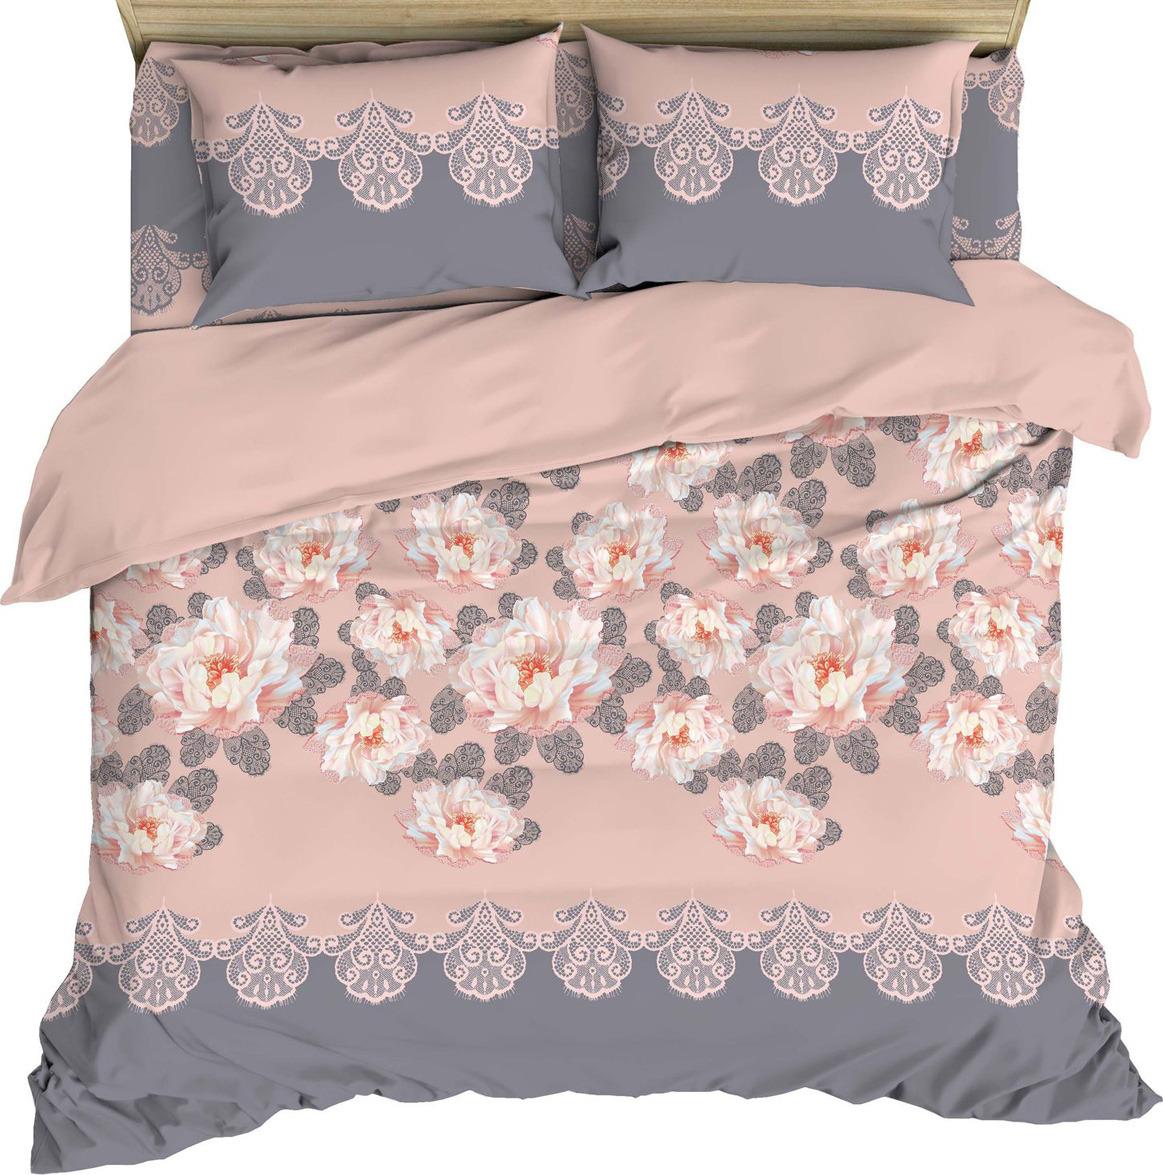 Комплект постельного белья Василиса, 184946, 2-х спальный, наволочки 50x70, 70x70, розовый комплект постельного белья василиса 185625 2 х спальный наволочки 70x70 голубой